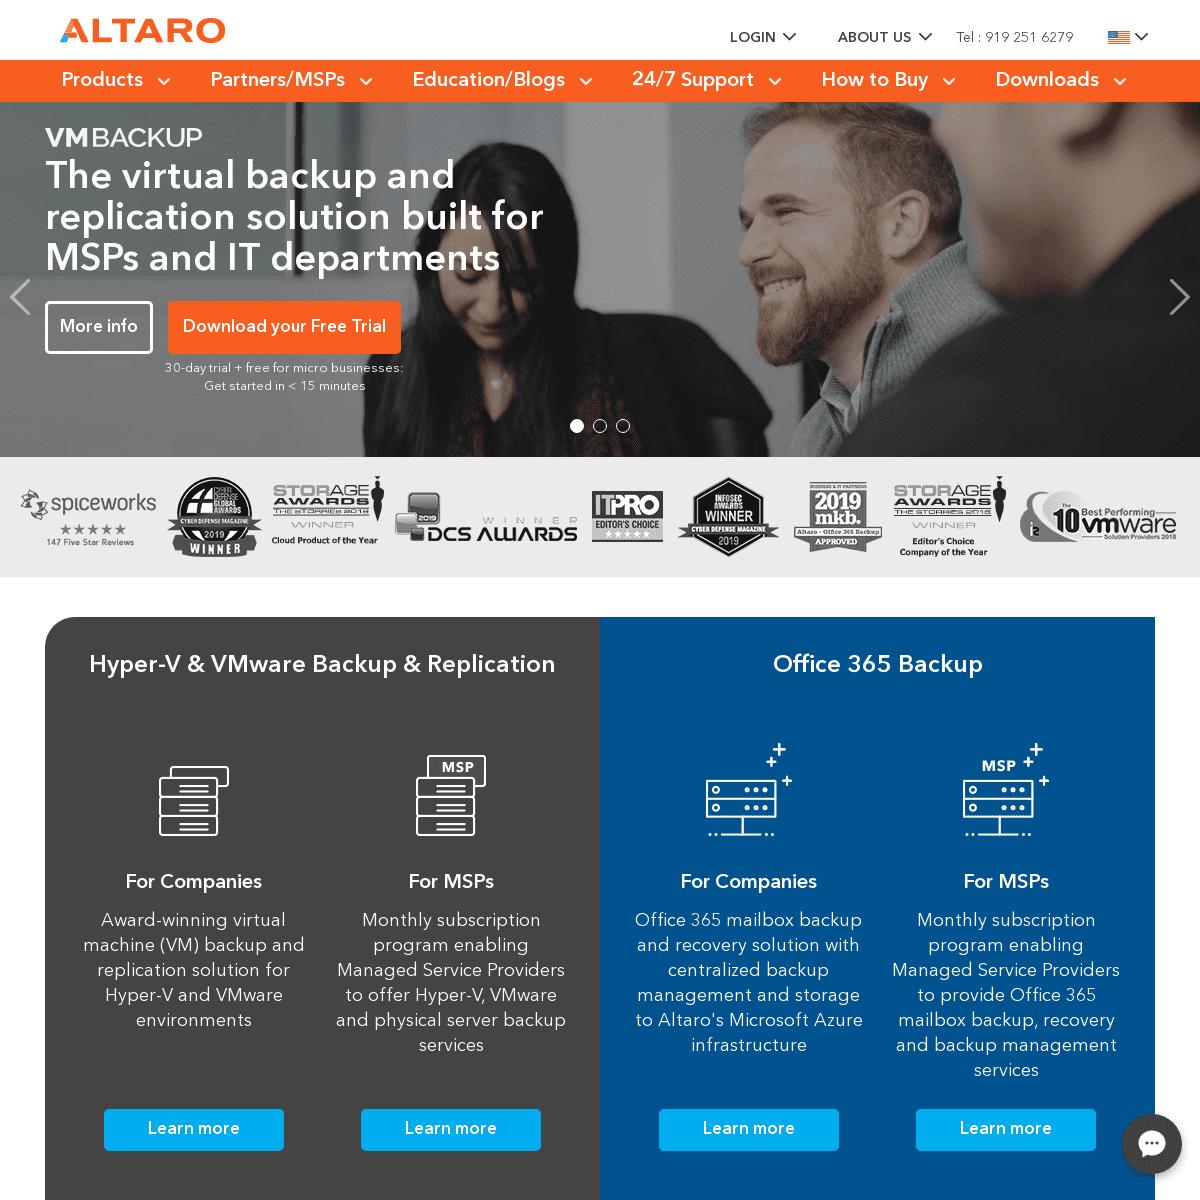 ArchiveBay.com - altaro.com - Altaro- Backup Software for Hyper-V, VMware, Office 365 and Windows Servers